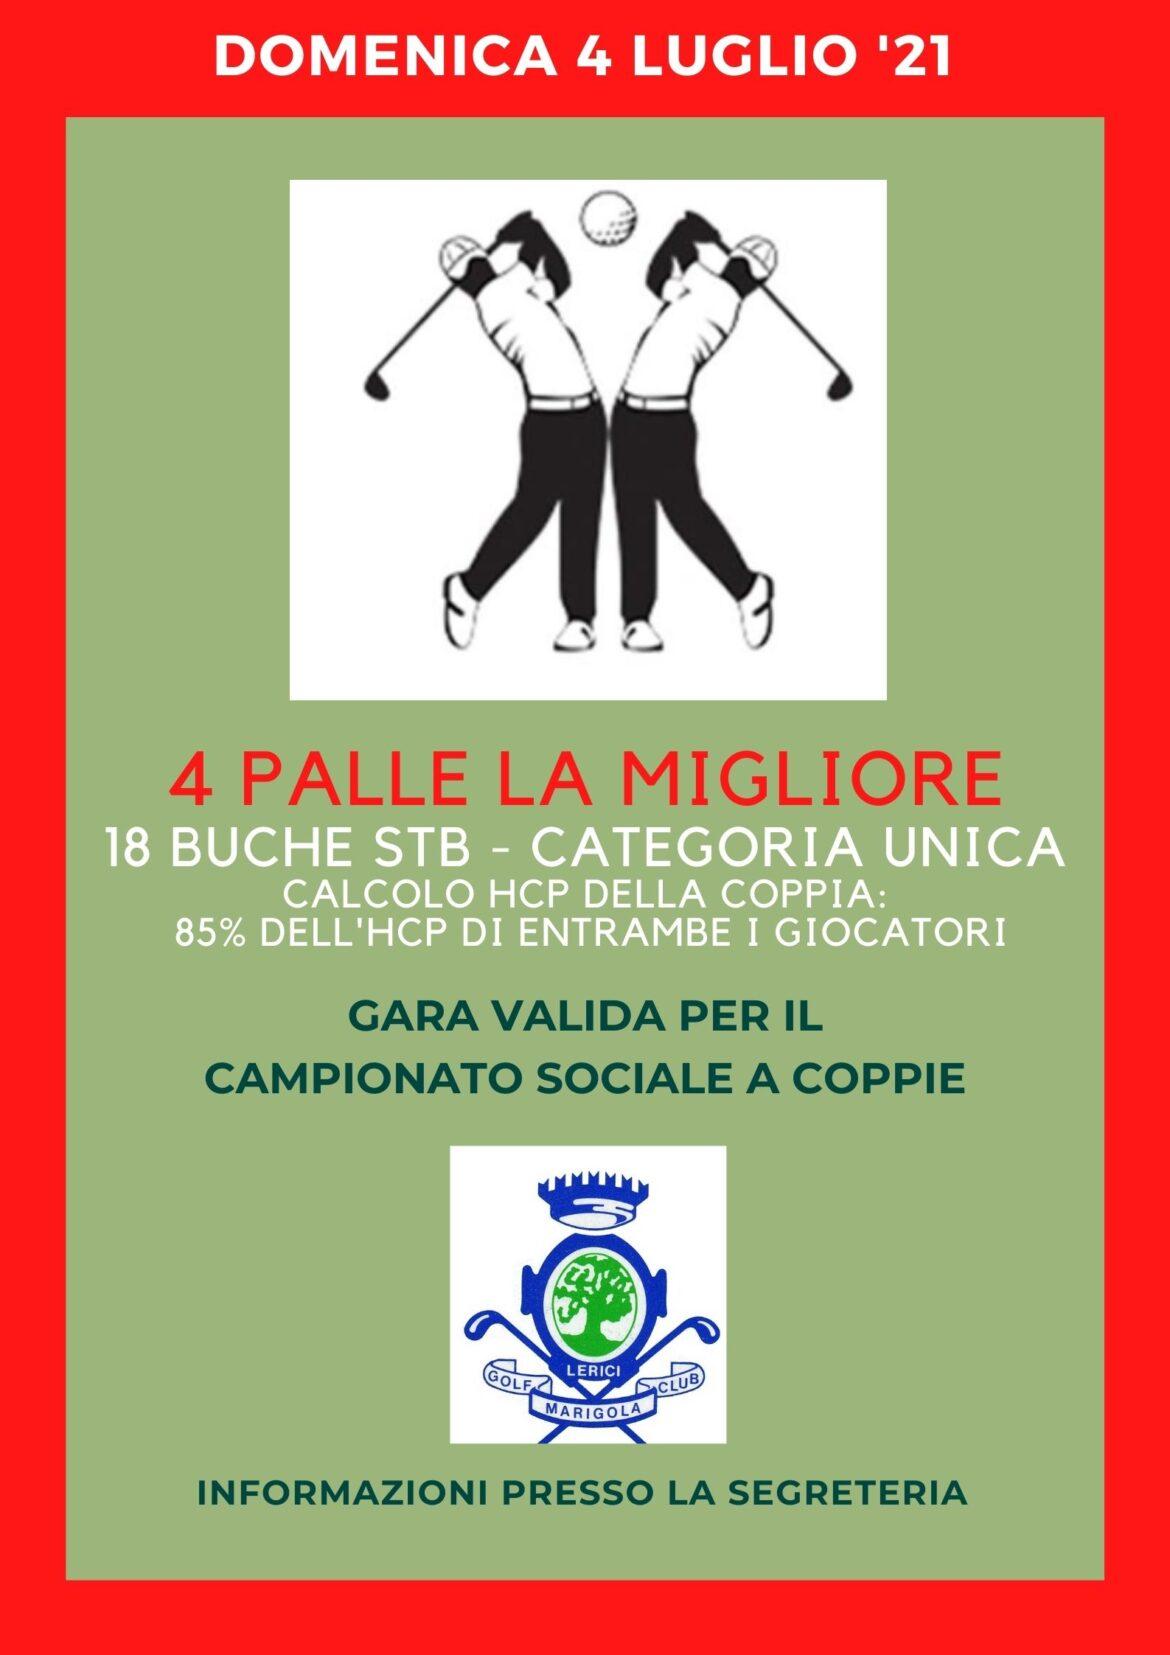 4 PALLE LA MIGLIORE – camp. soc. COPPIE